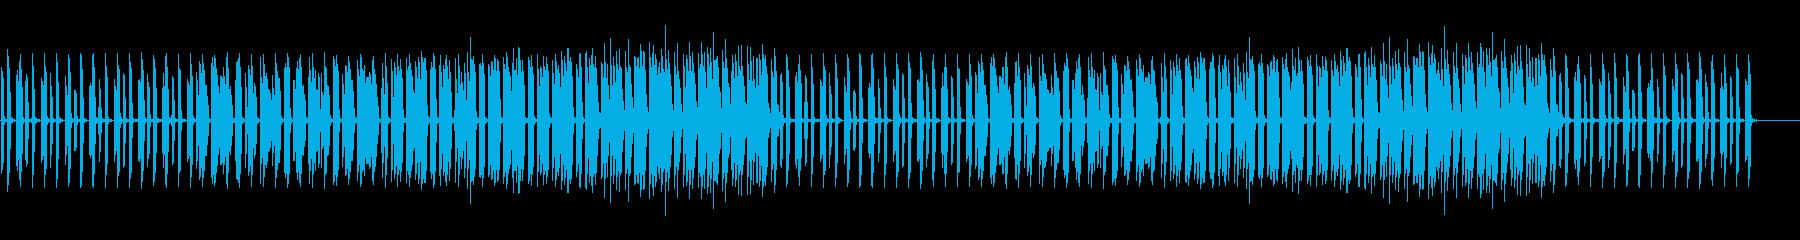 ゆるい、ほんわか、かわいい、日常系ピアノの再生済みの波形